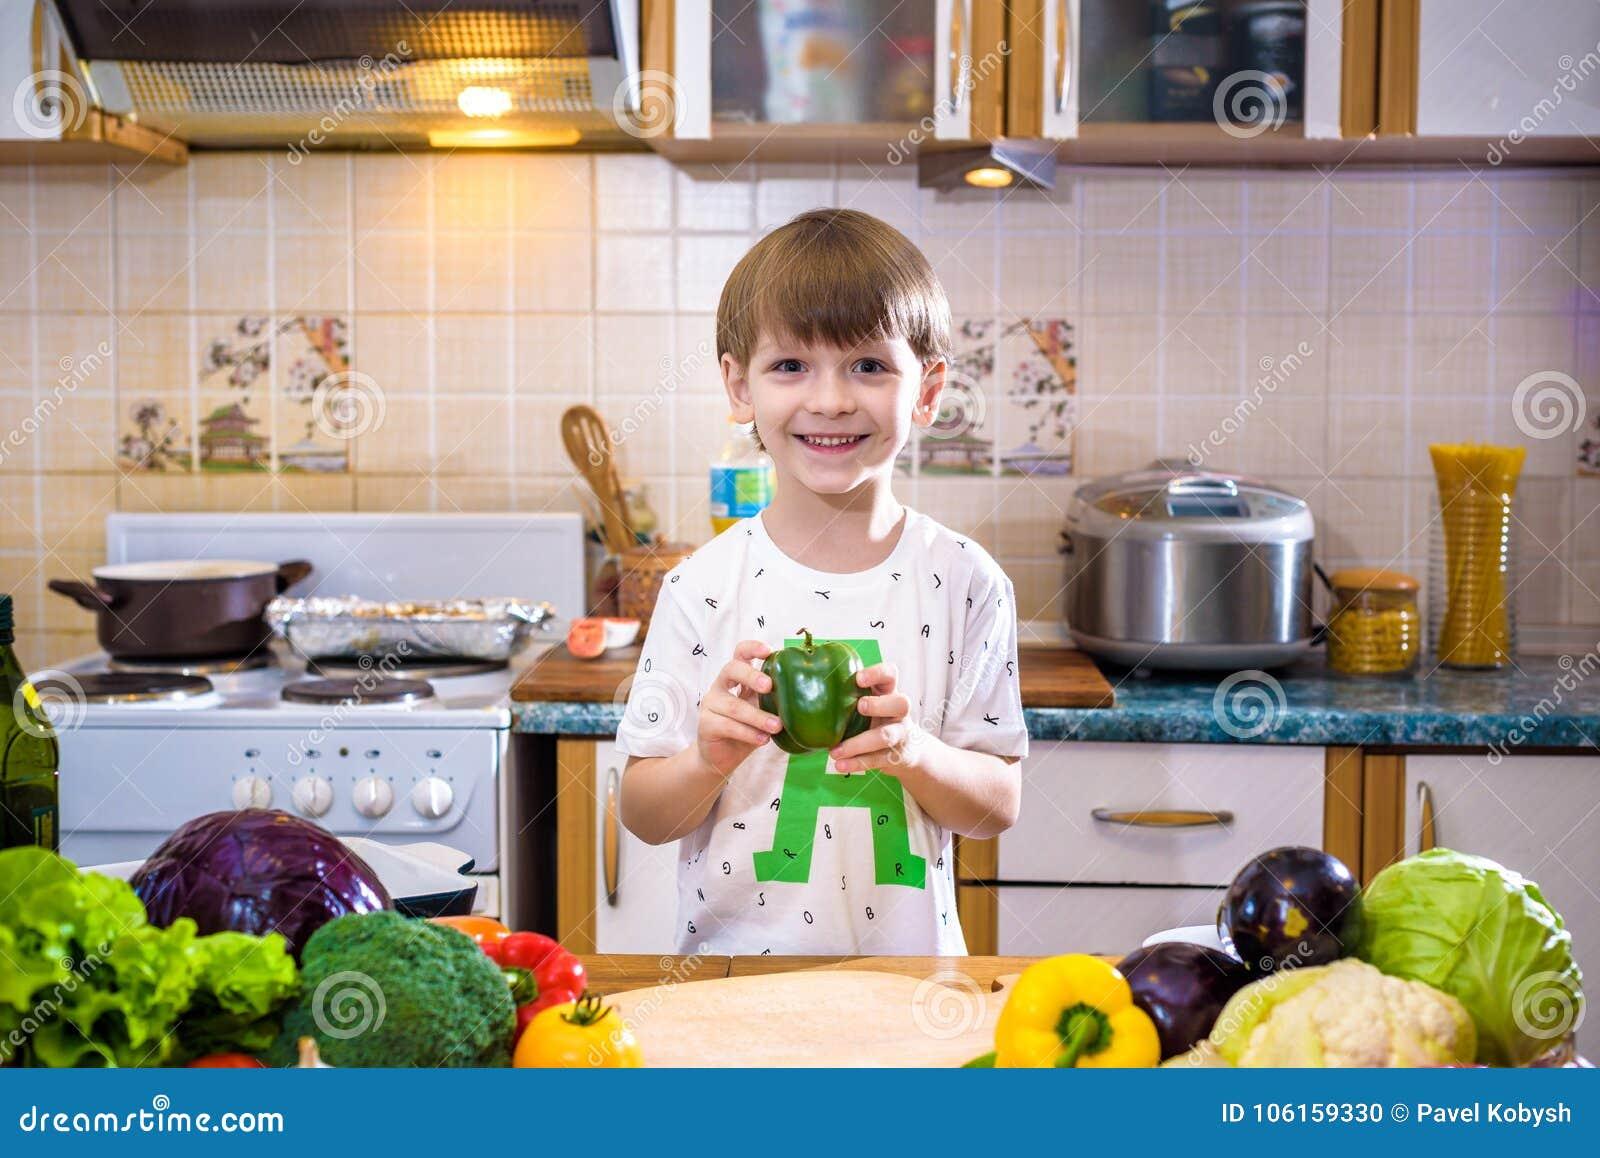 Το νέο αγόρι στο μαγείρεμα που στέκεται στην κουζίνα κοντά στον πίνακα με